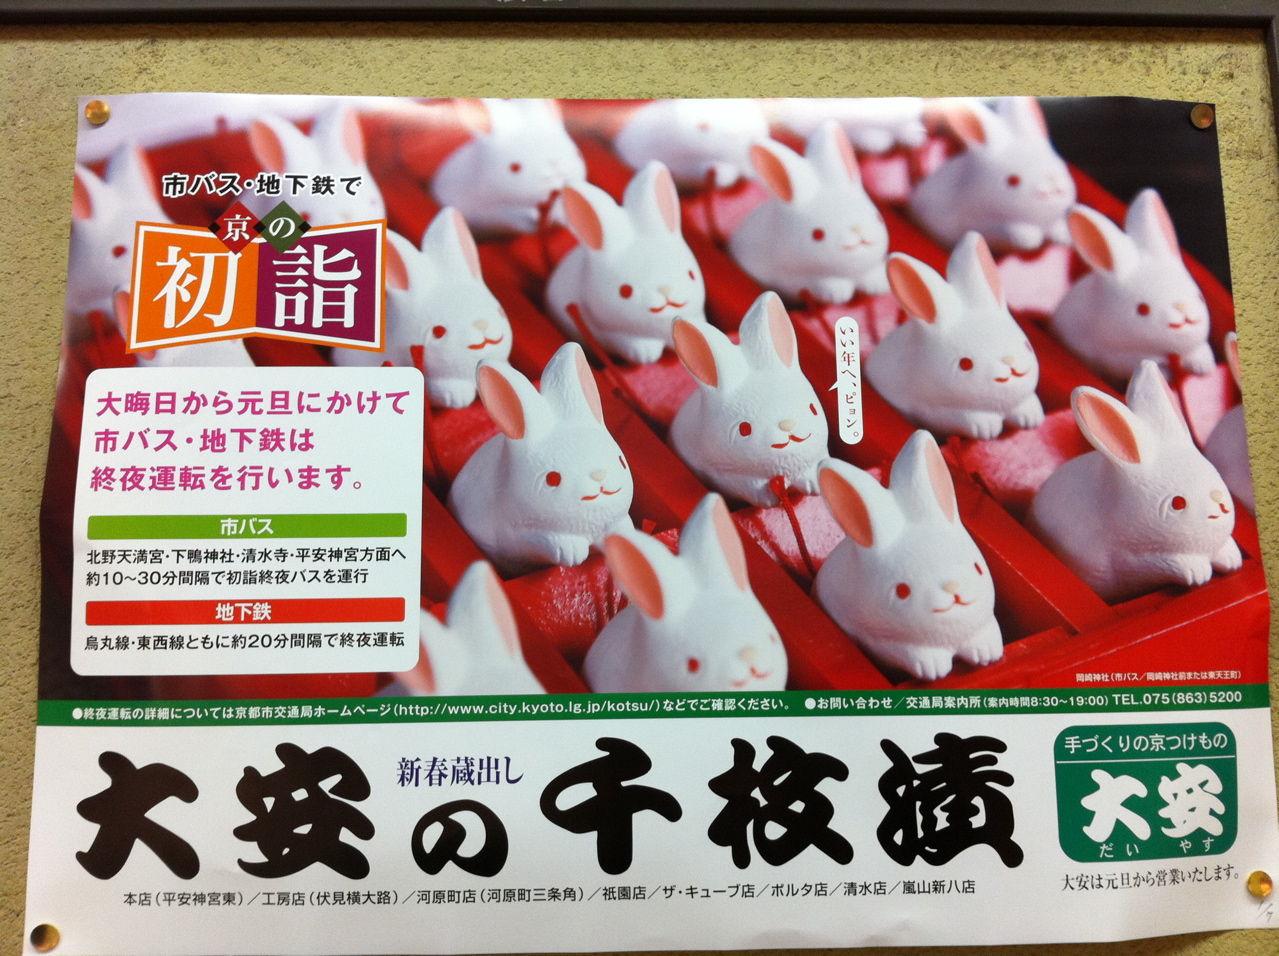 ウサギの置物ポスター